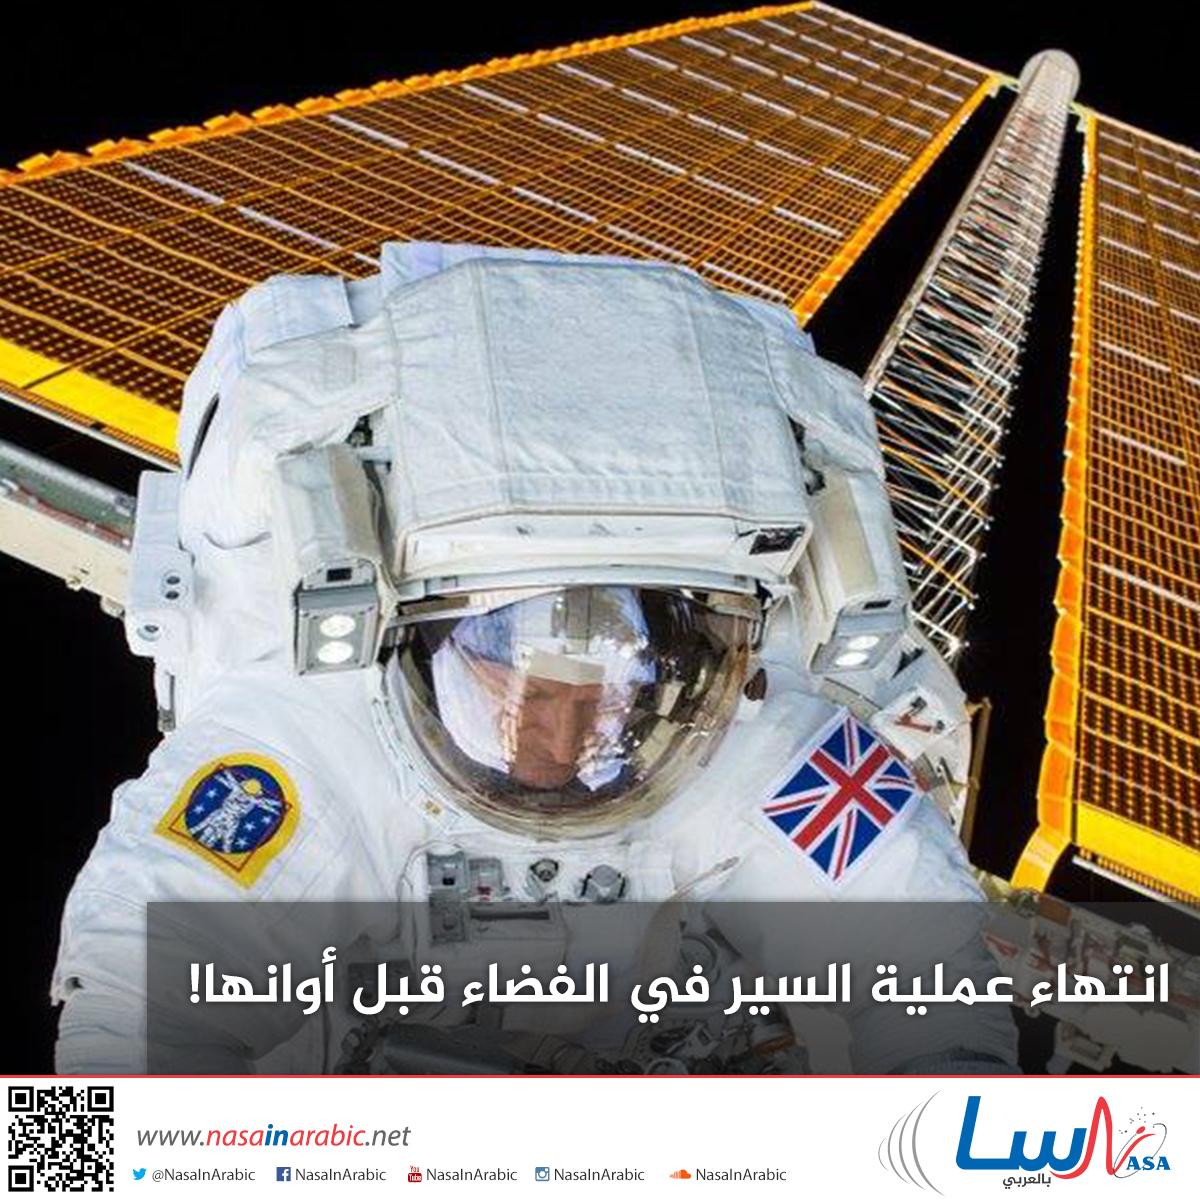 انتهاء عملية سير في الفضاء قبل أوانها!